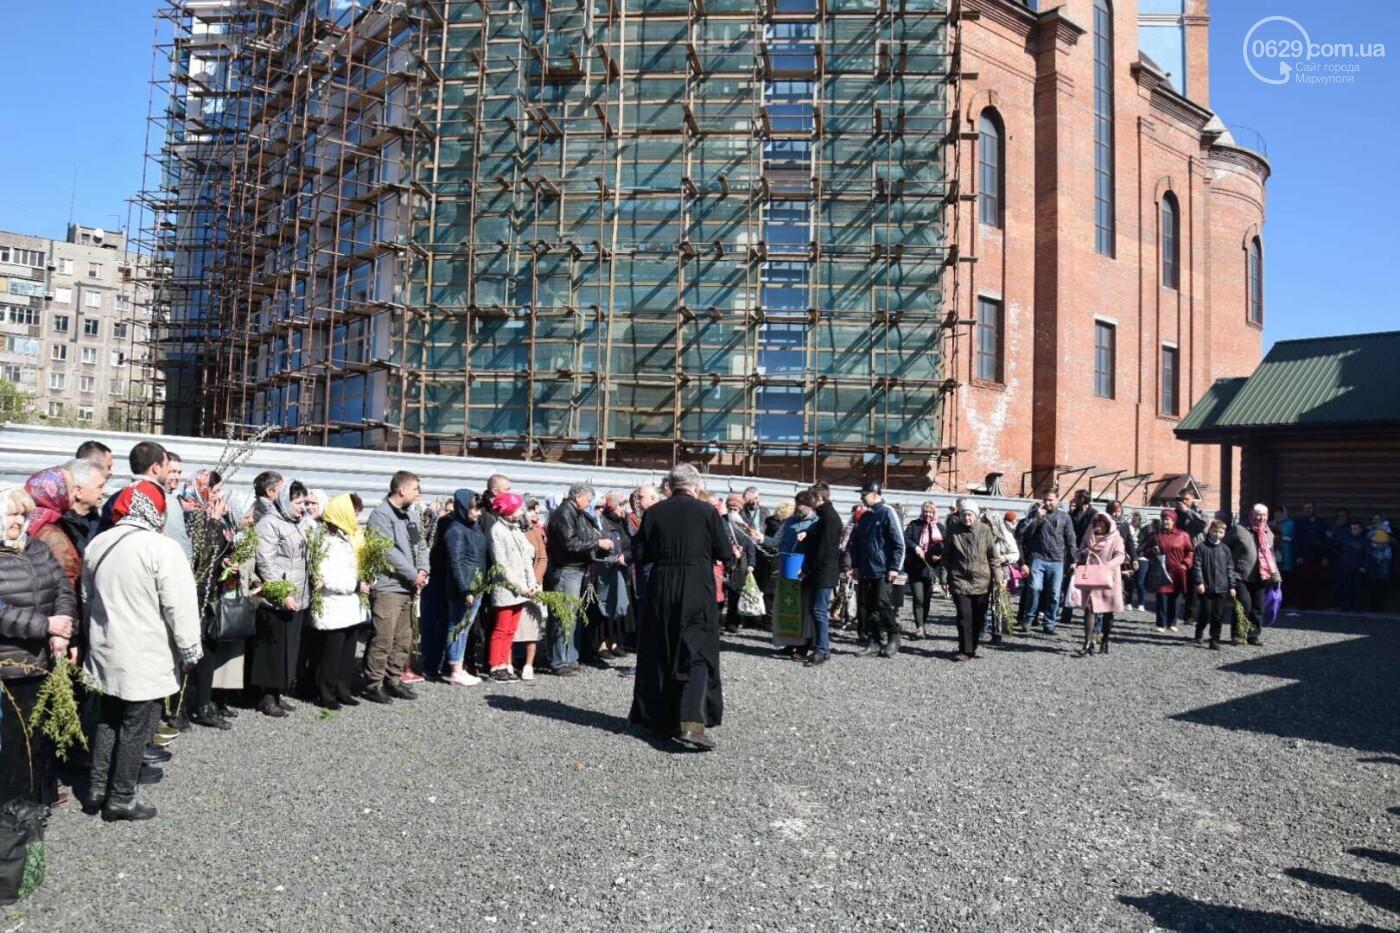 Выборы и верба: как Мариуполь празднует православный праздник, - ФОТОРЕПОРТАЖ, фото-39